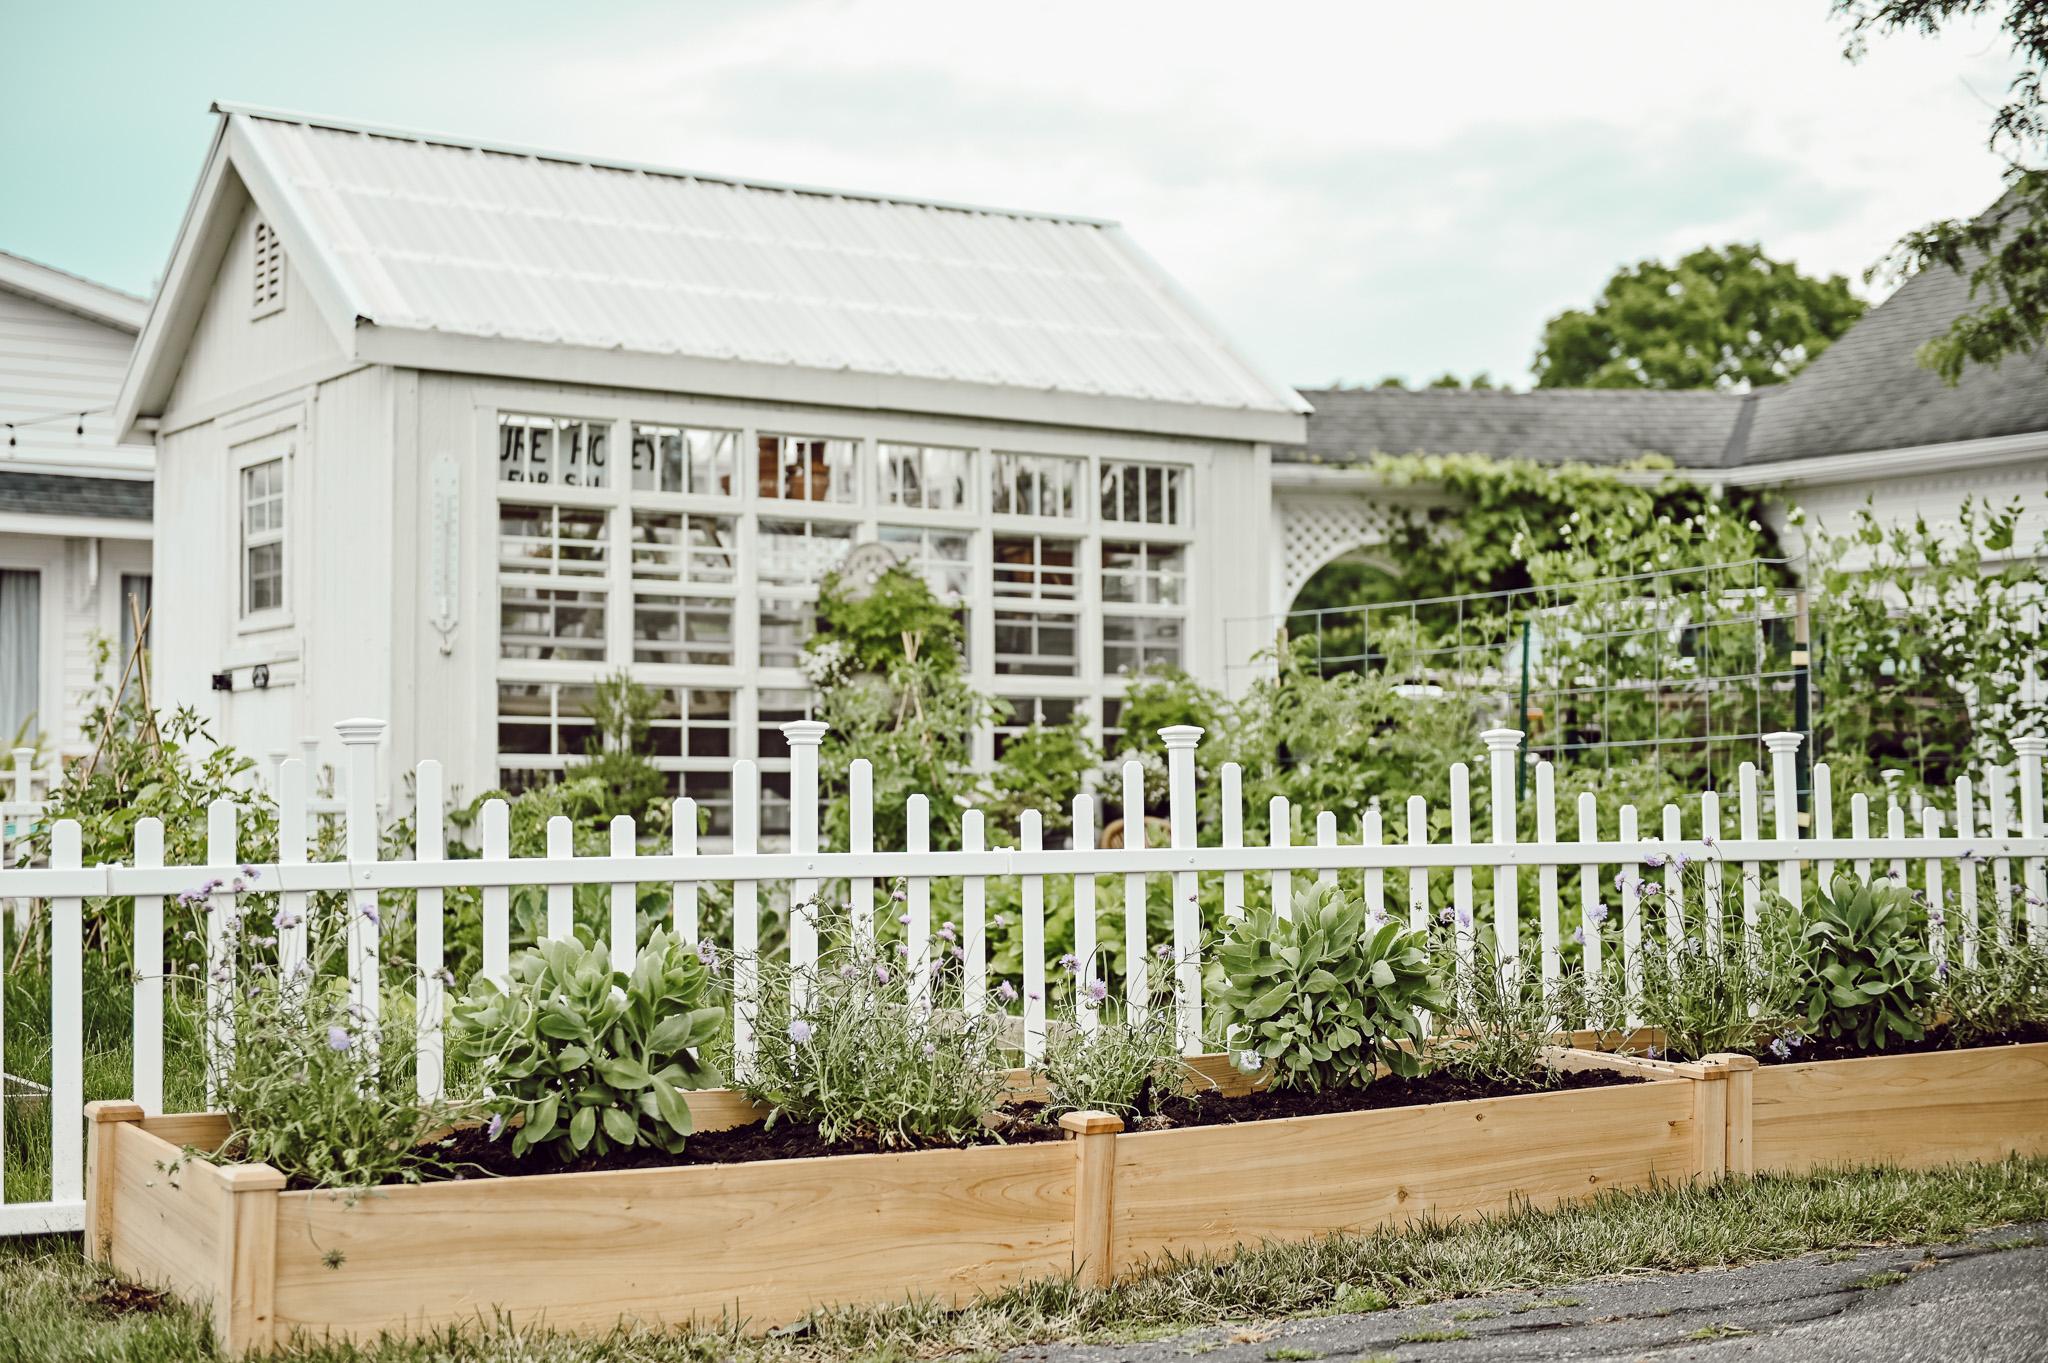 Summer Garden Project, flower box